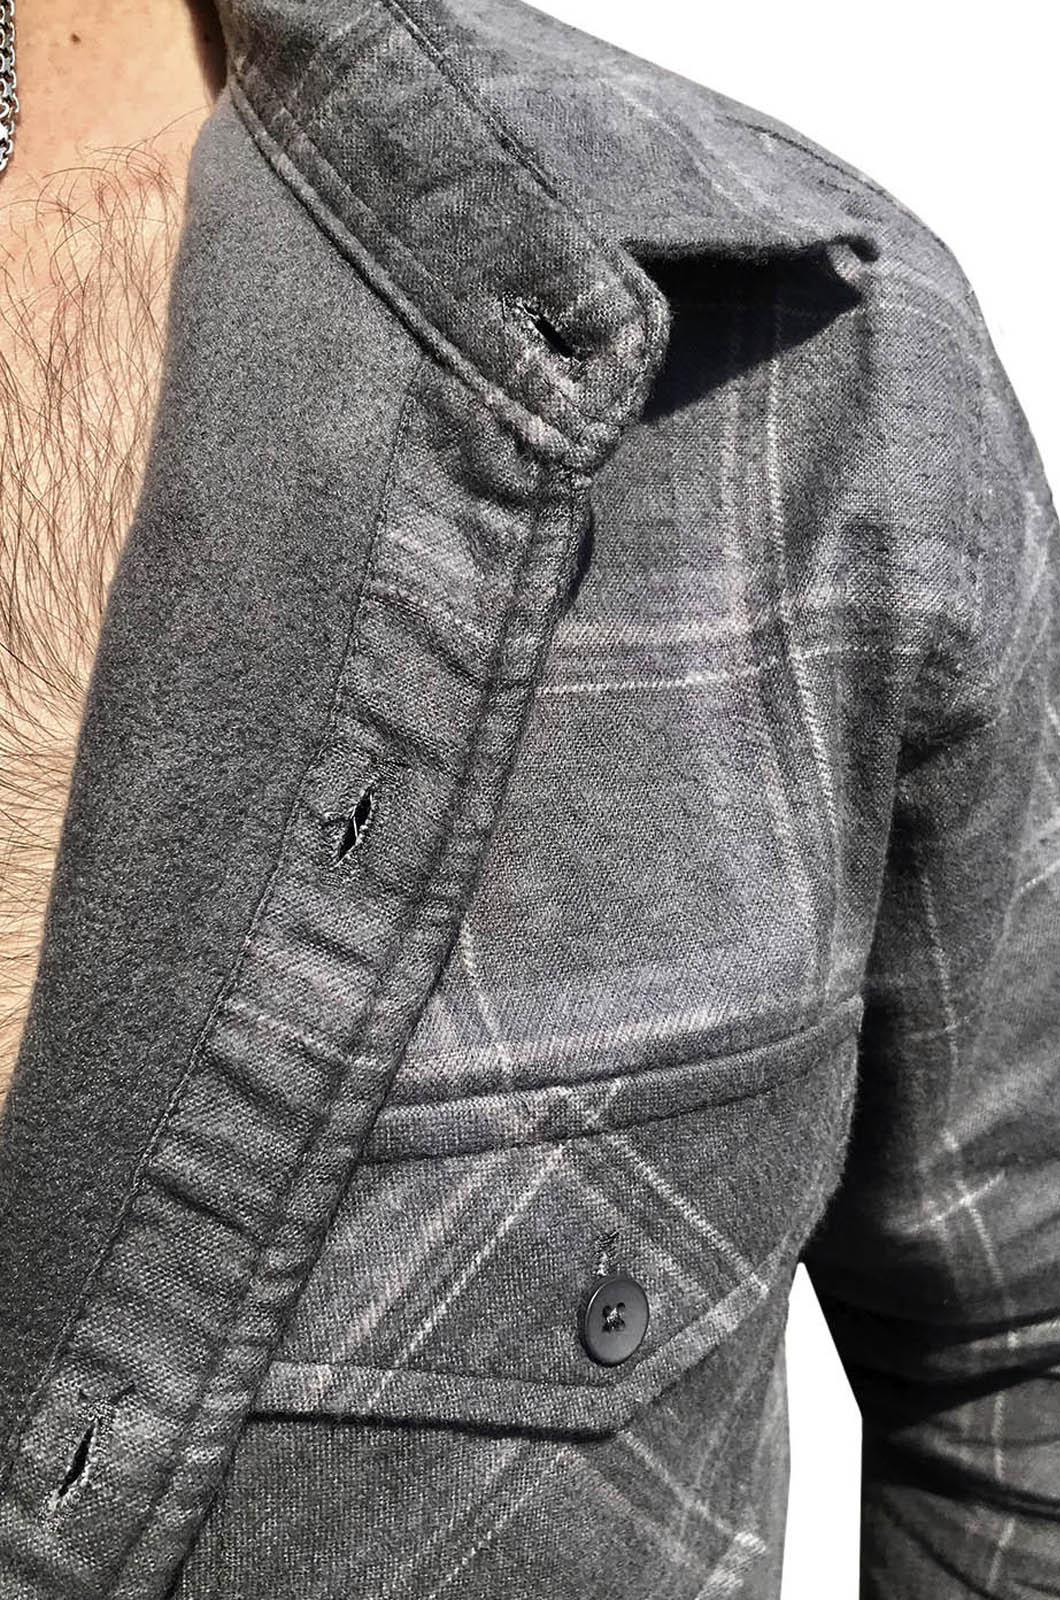 Лаконичная рубашка с вышитым шевроном Группа Сомали - купить с доставкой